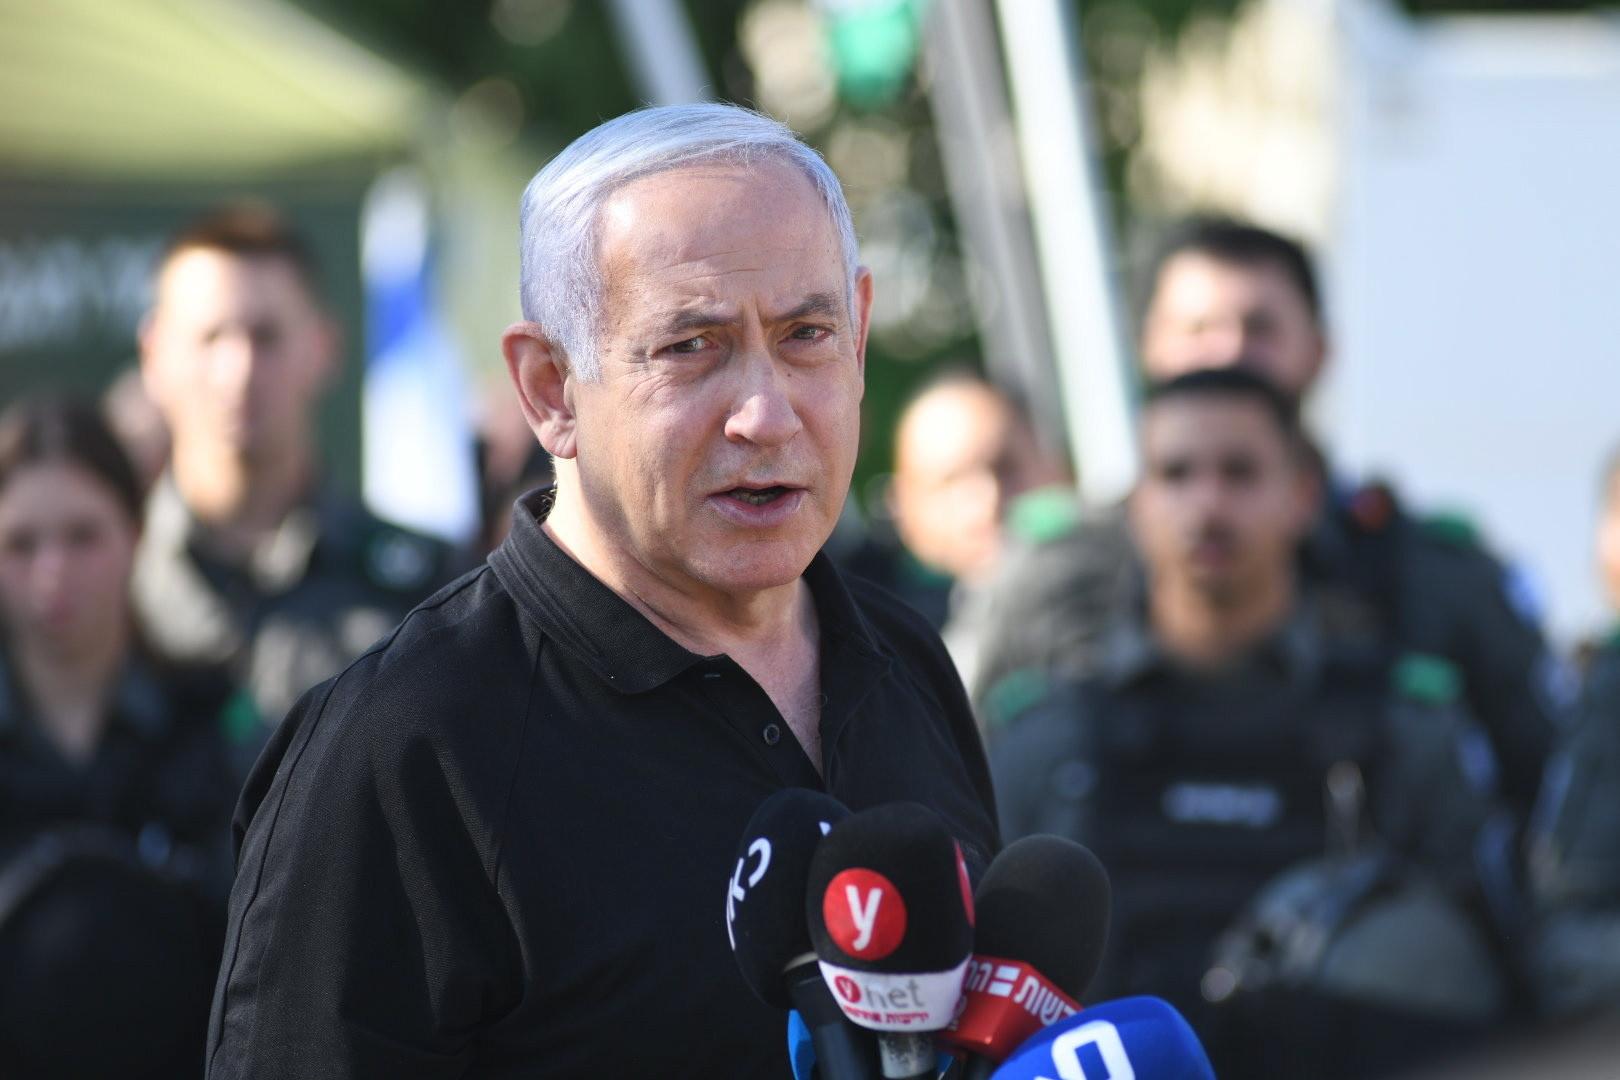 """Război în Fâșia Gaza: """"Din punct de vedere politic, pe Netanyahu îl ajută"""" aceste violențe"""